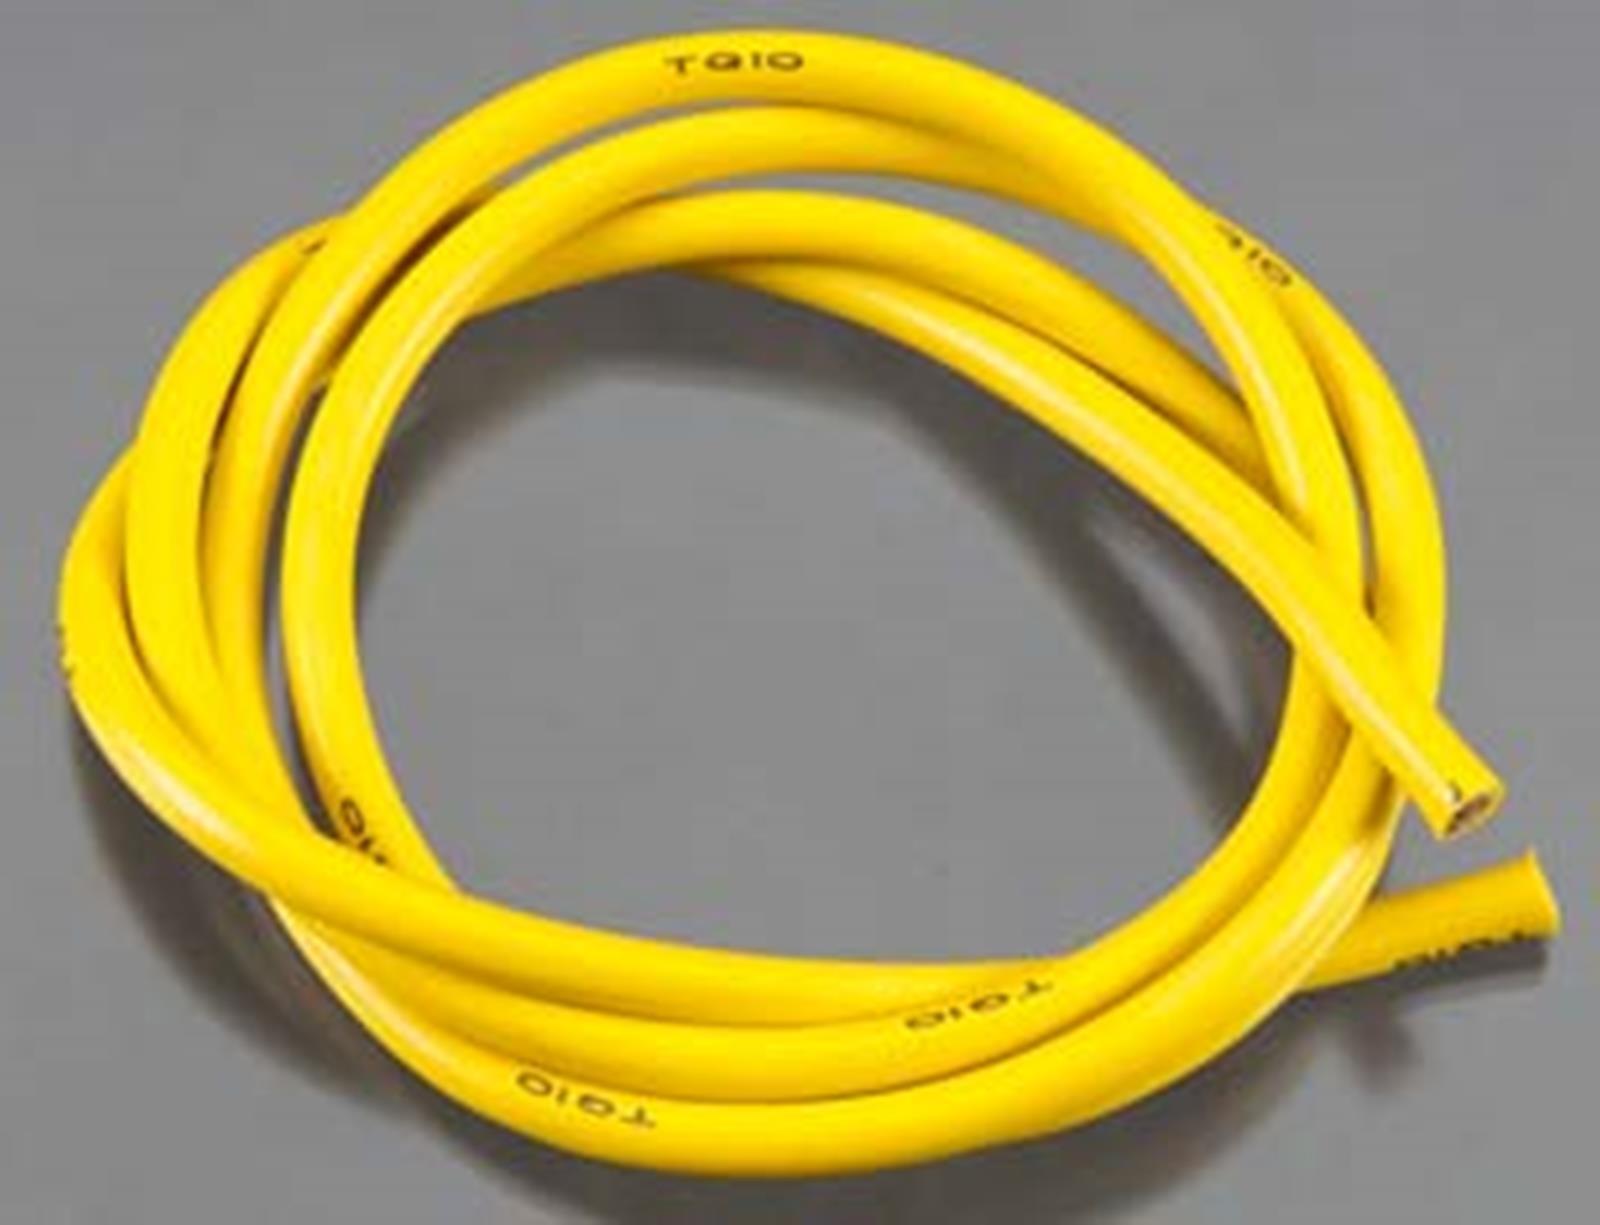 3/' Black 1113 TQ Racing 11 Gauge Super Flexible Wire